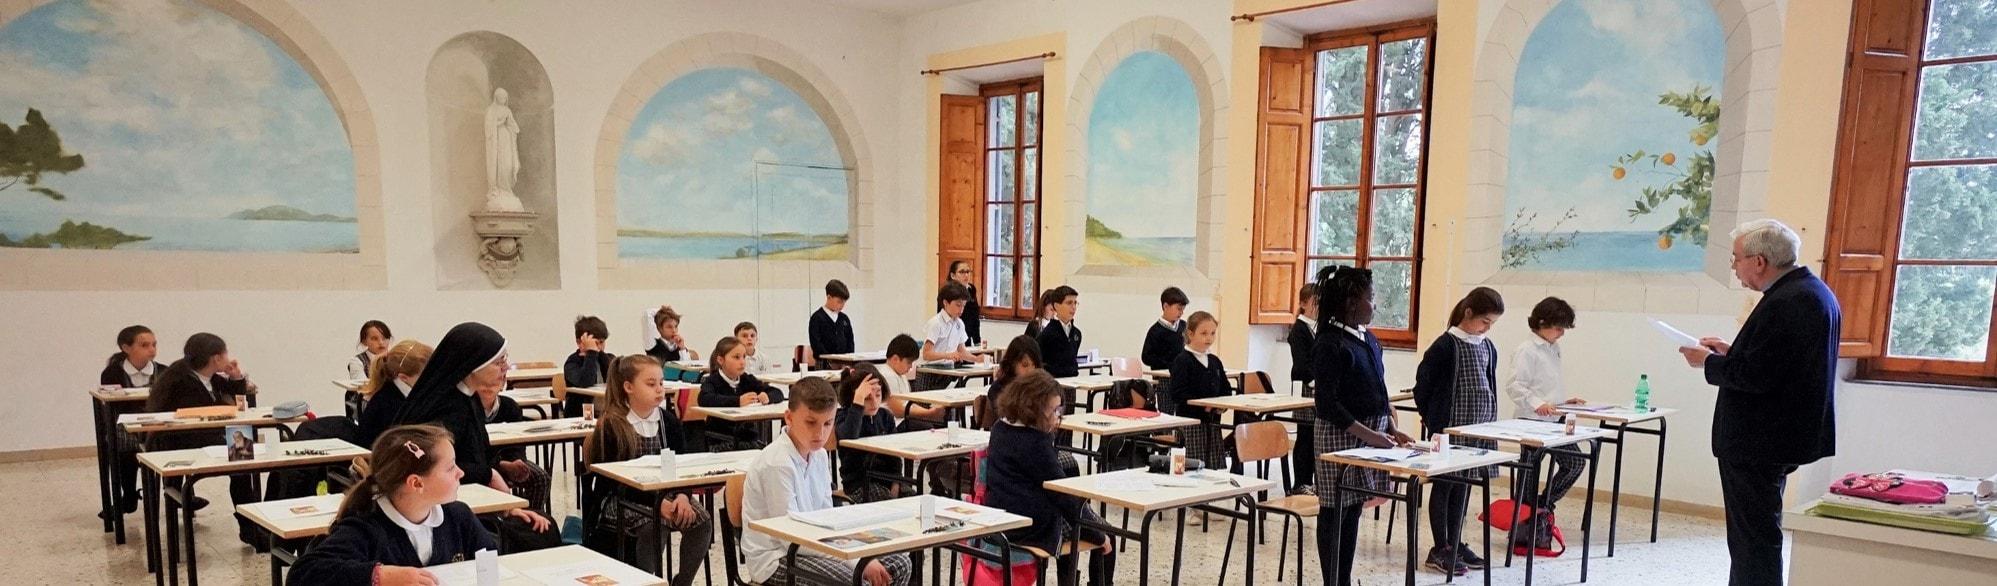 primaria class